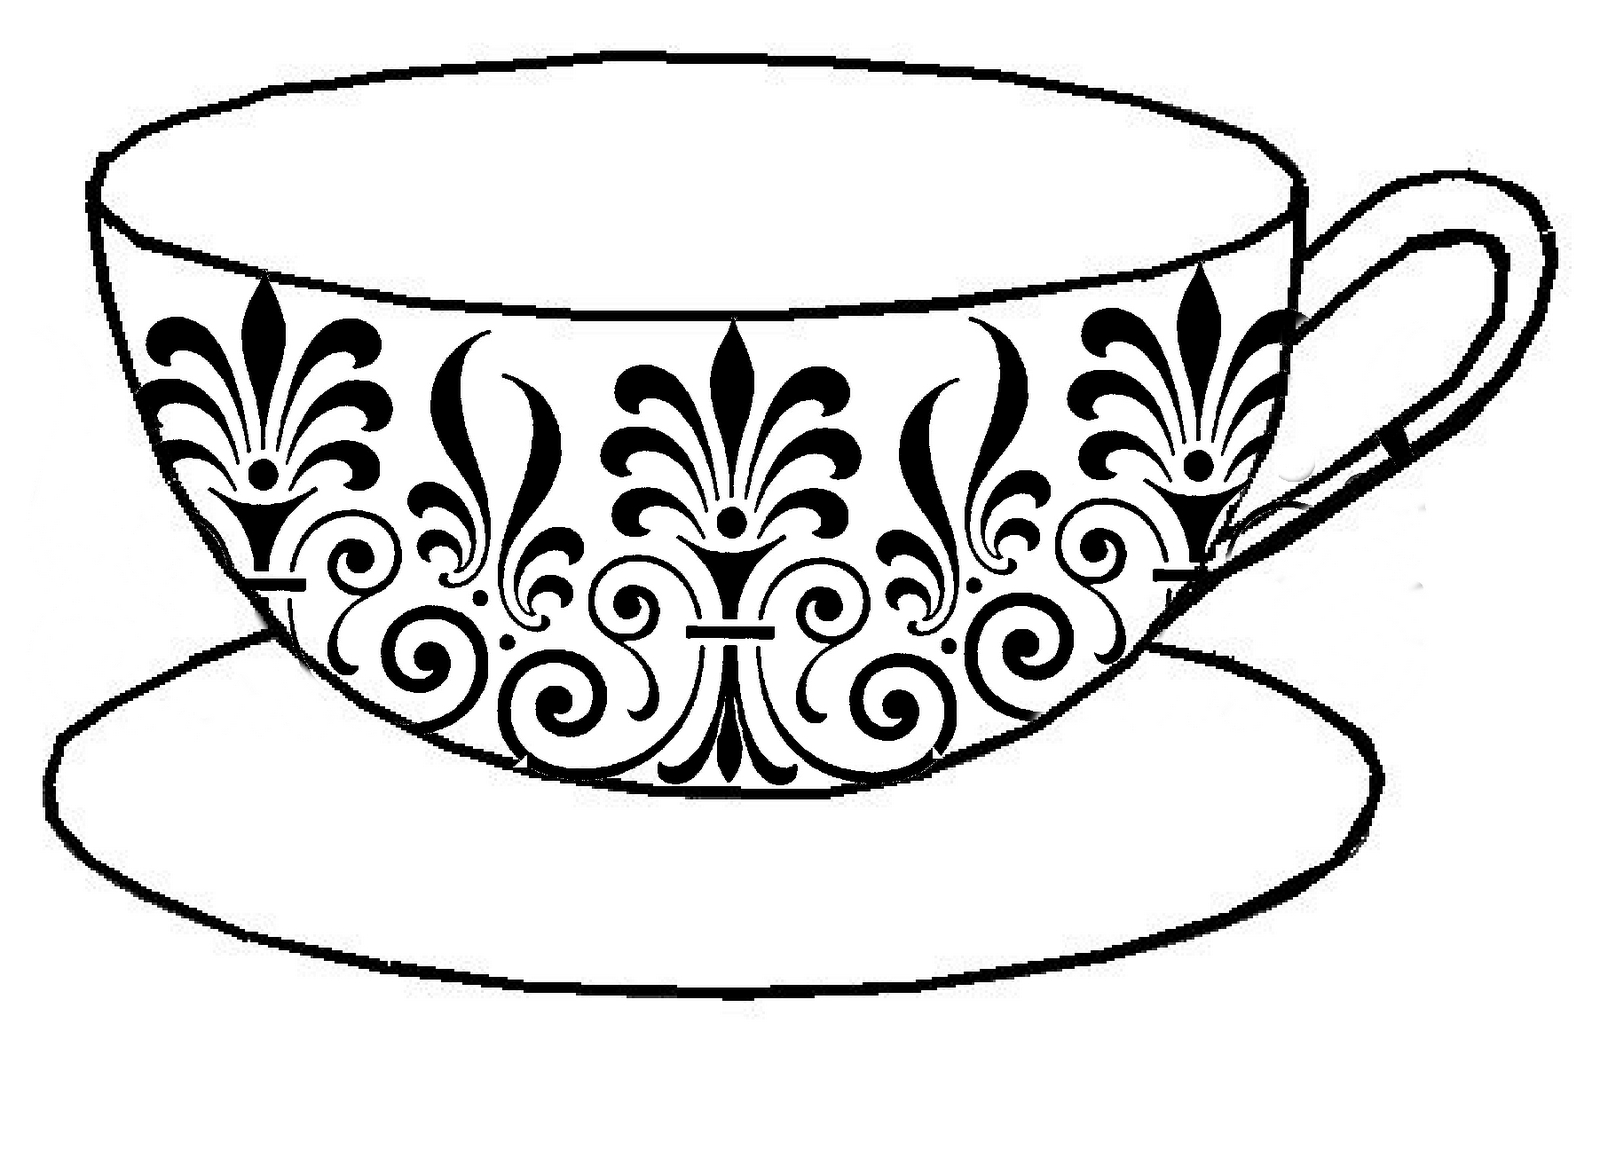 1600x1157 Drawing Of A Teacup Vintage Teacup Drawing